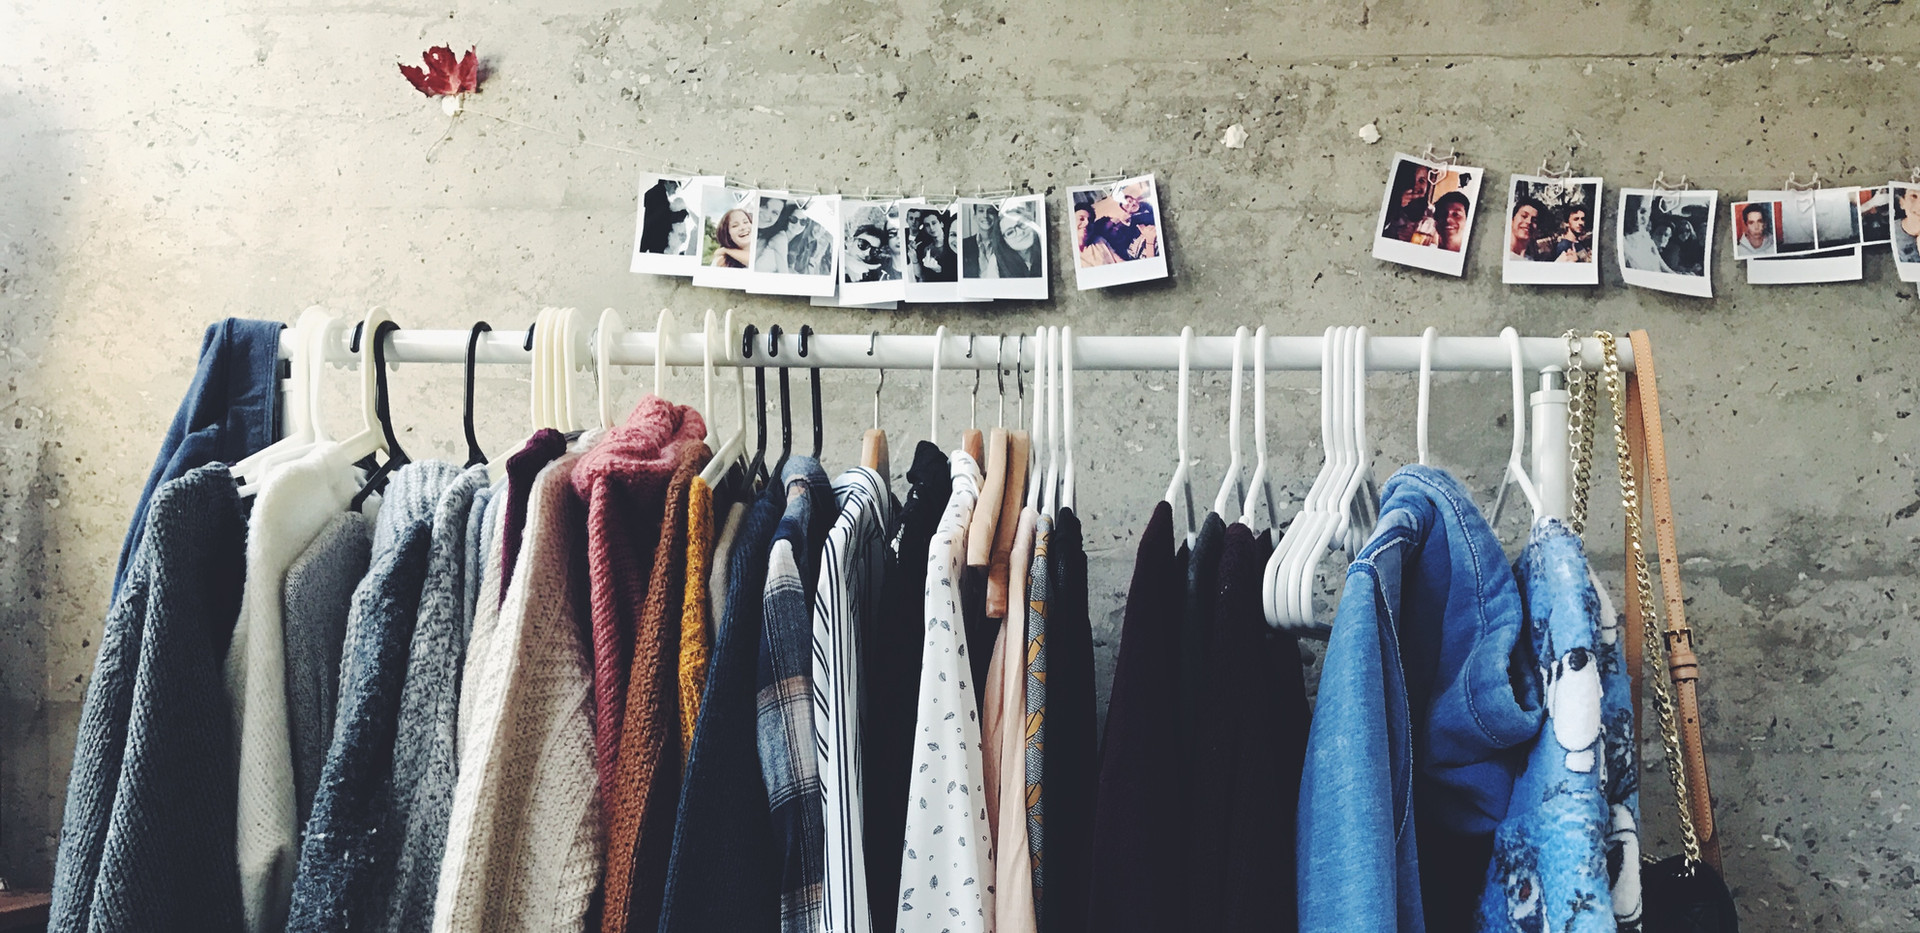 Banco de roupa